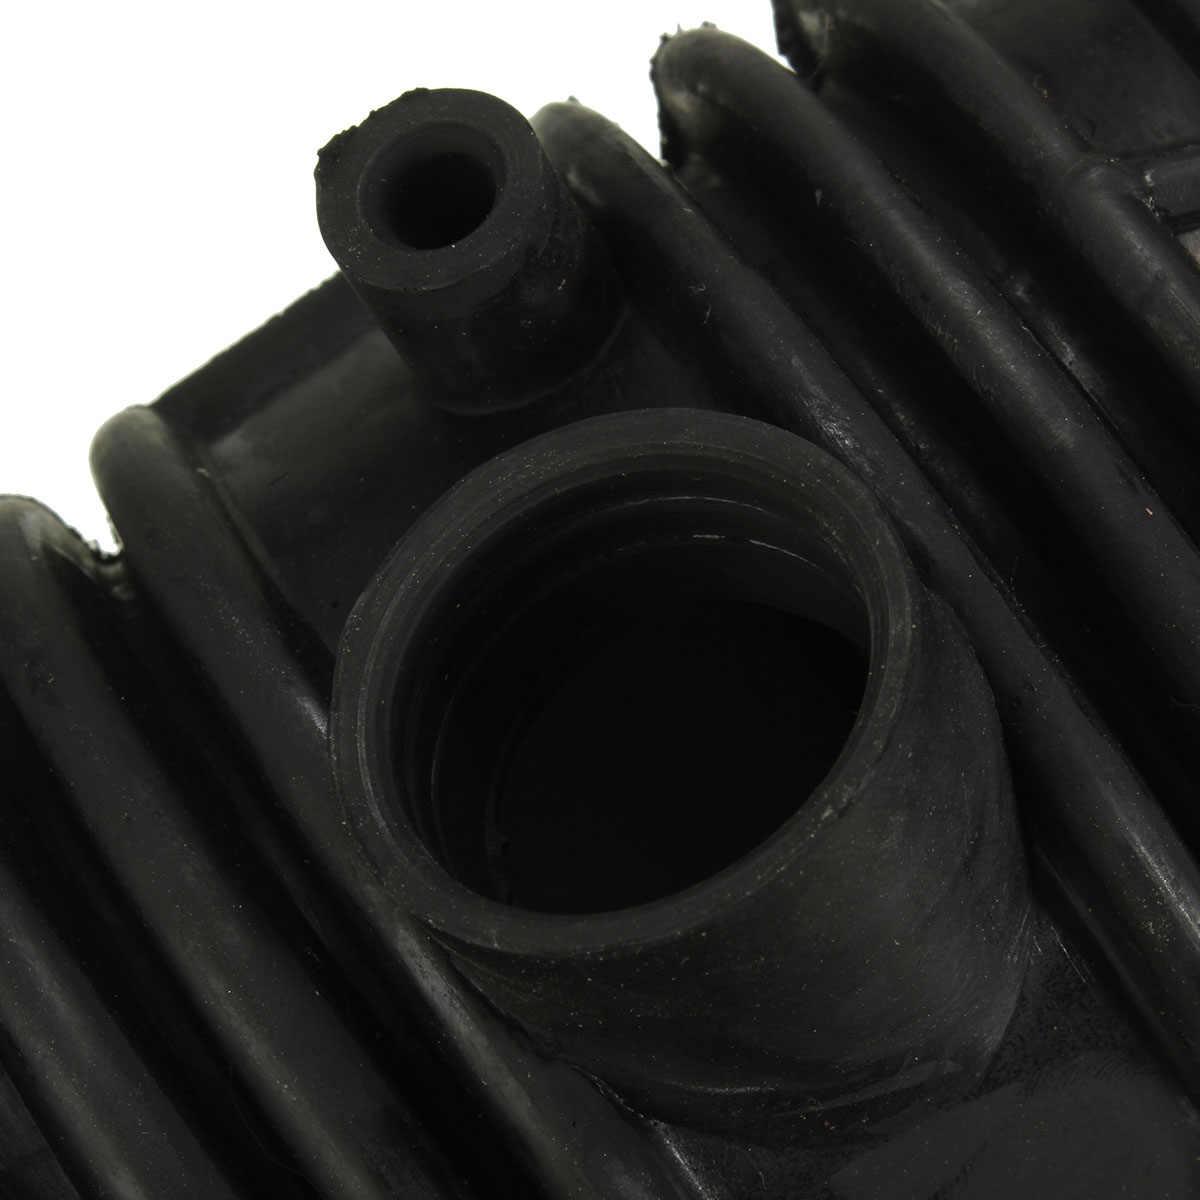 Tout nouveau tuyau de nettoyage de tuyau de Tube d'admission d'air de 1 pièces pour Honda pour Accord HS0013 17228RAAA00 2003 2004 2005 caoutchouc noir